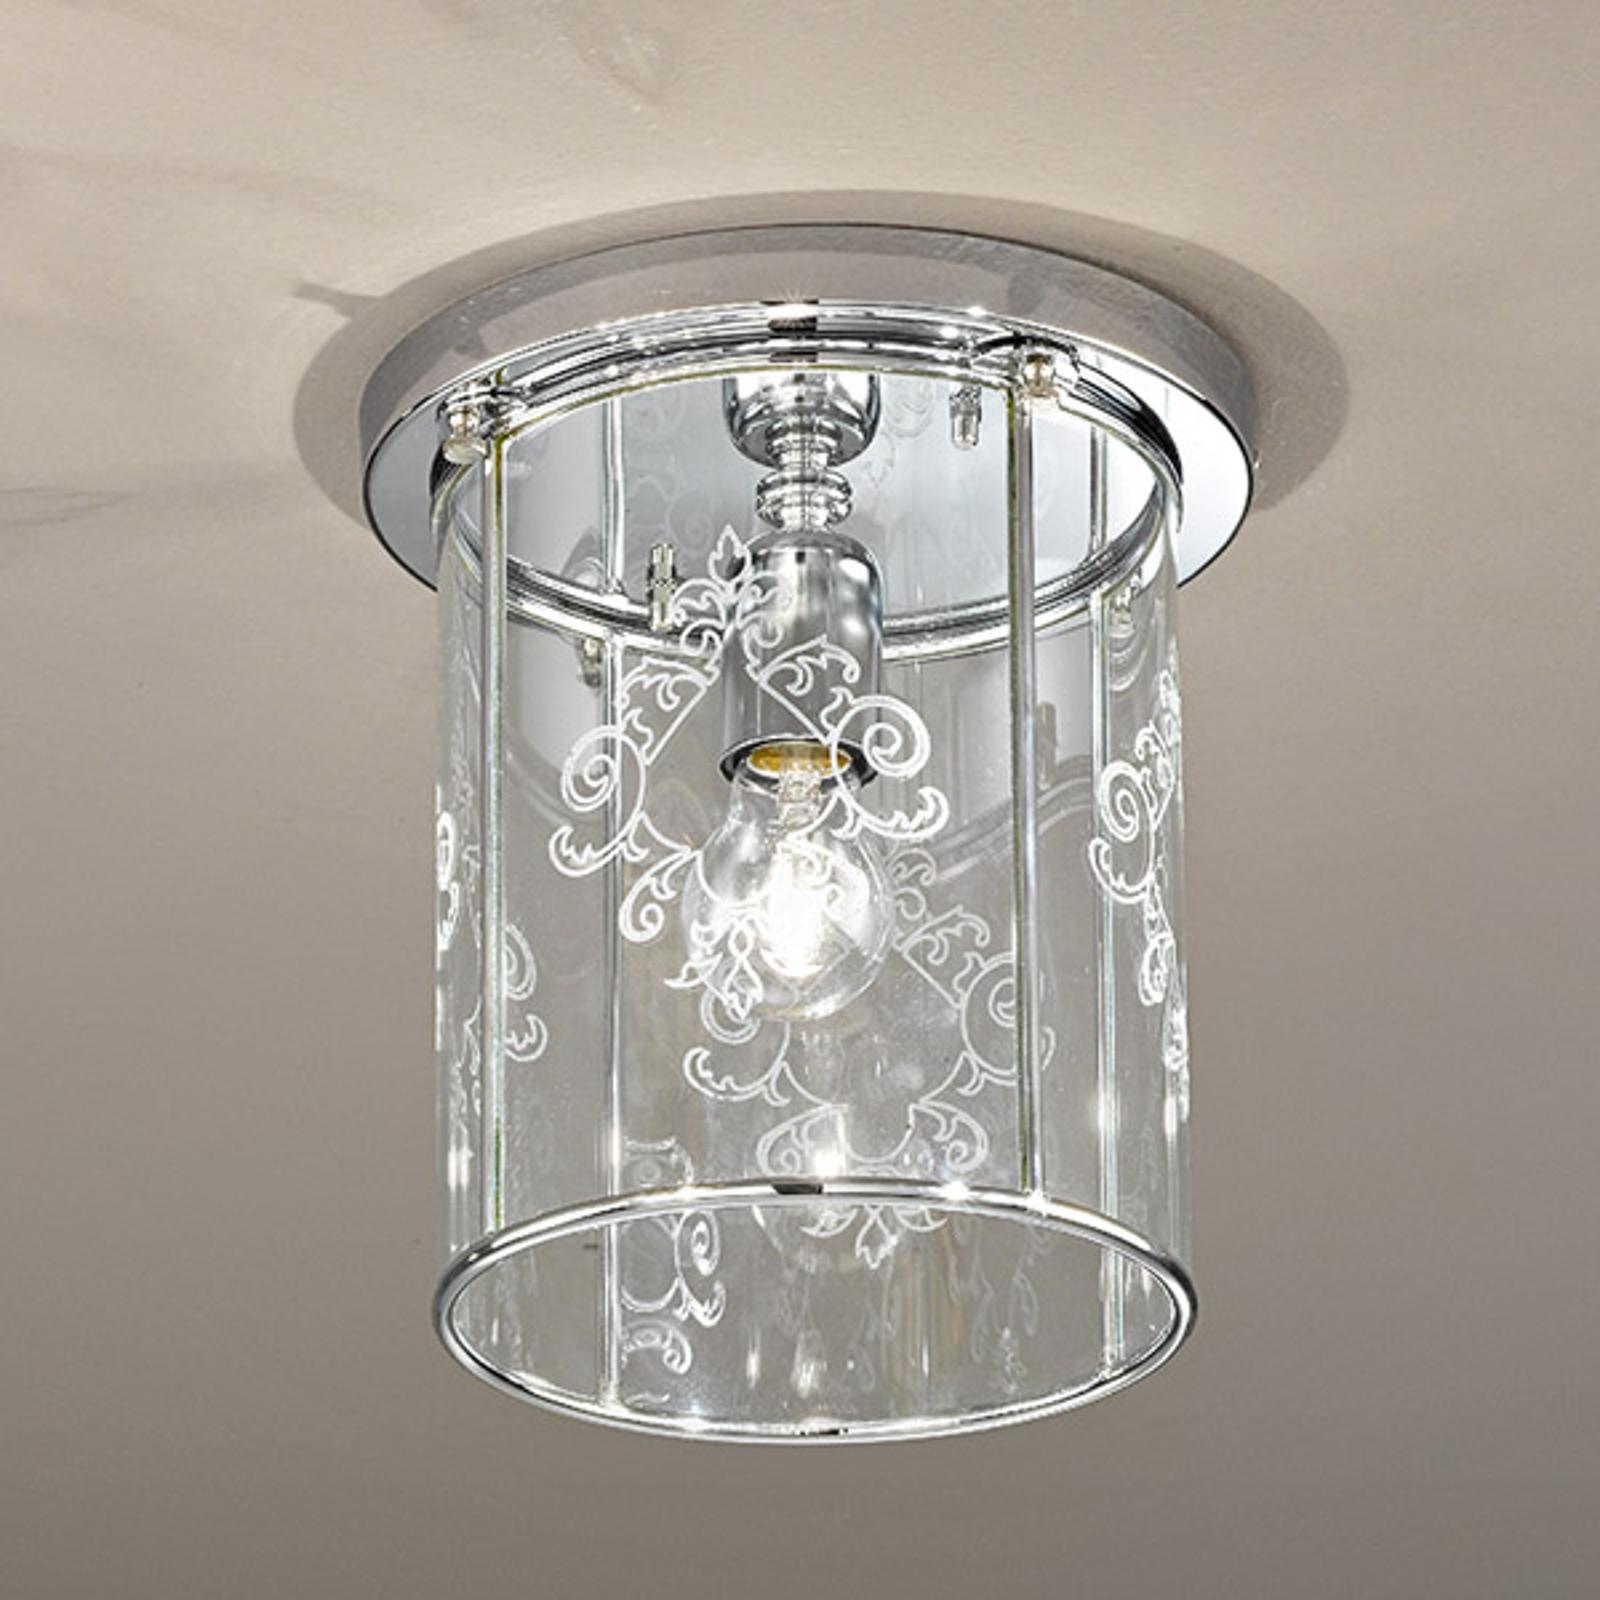 Greta lámpara de techo con vidrio cristal decorado